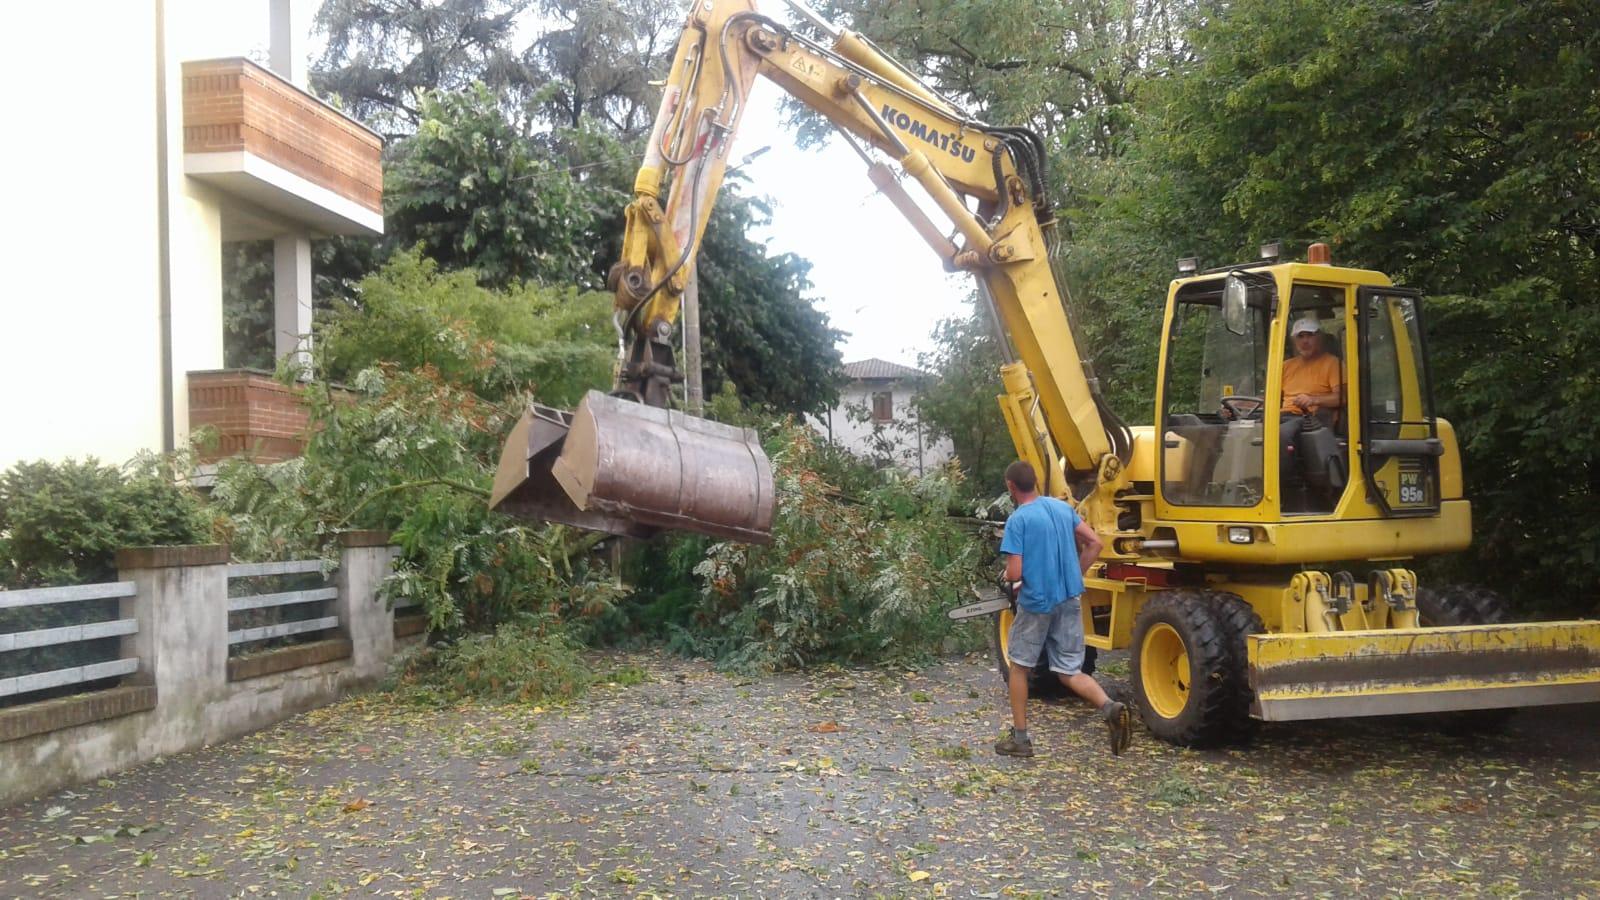 Maltempo estivo, chiesto lo stato di emergenza anche per Piacenza